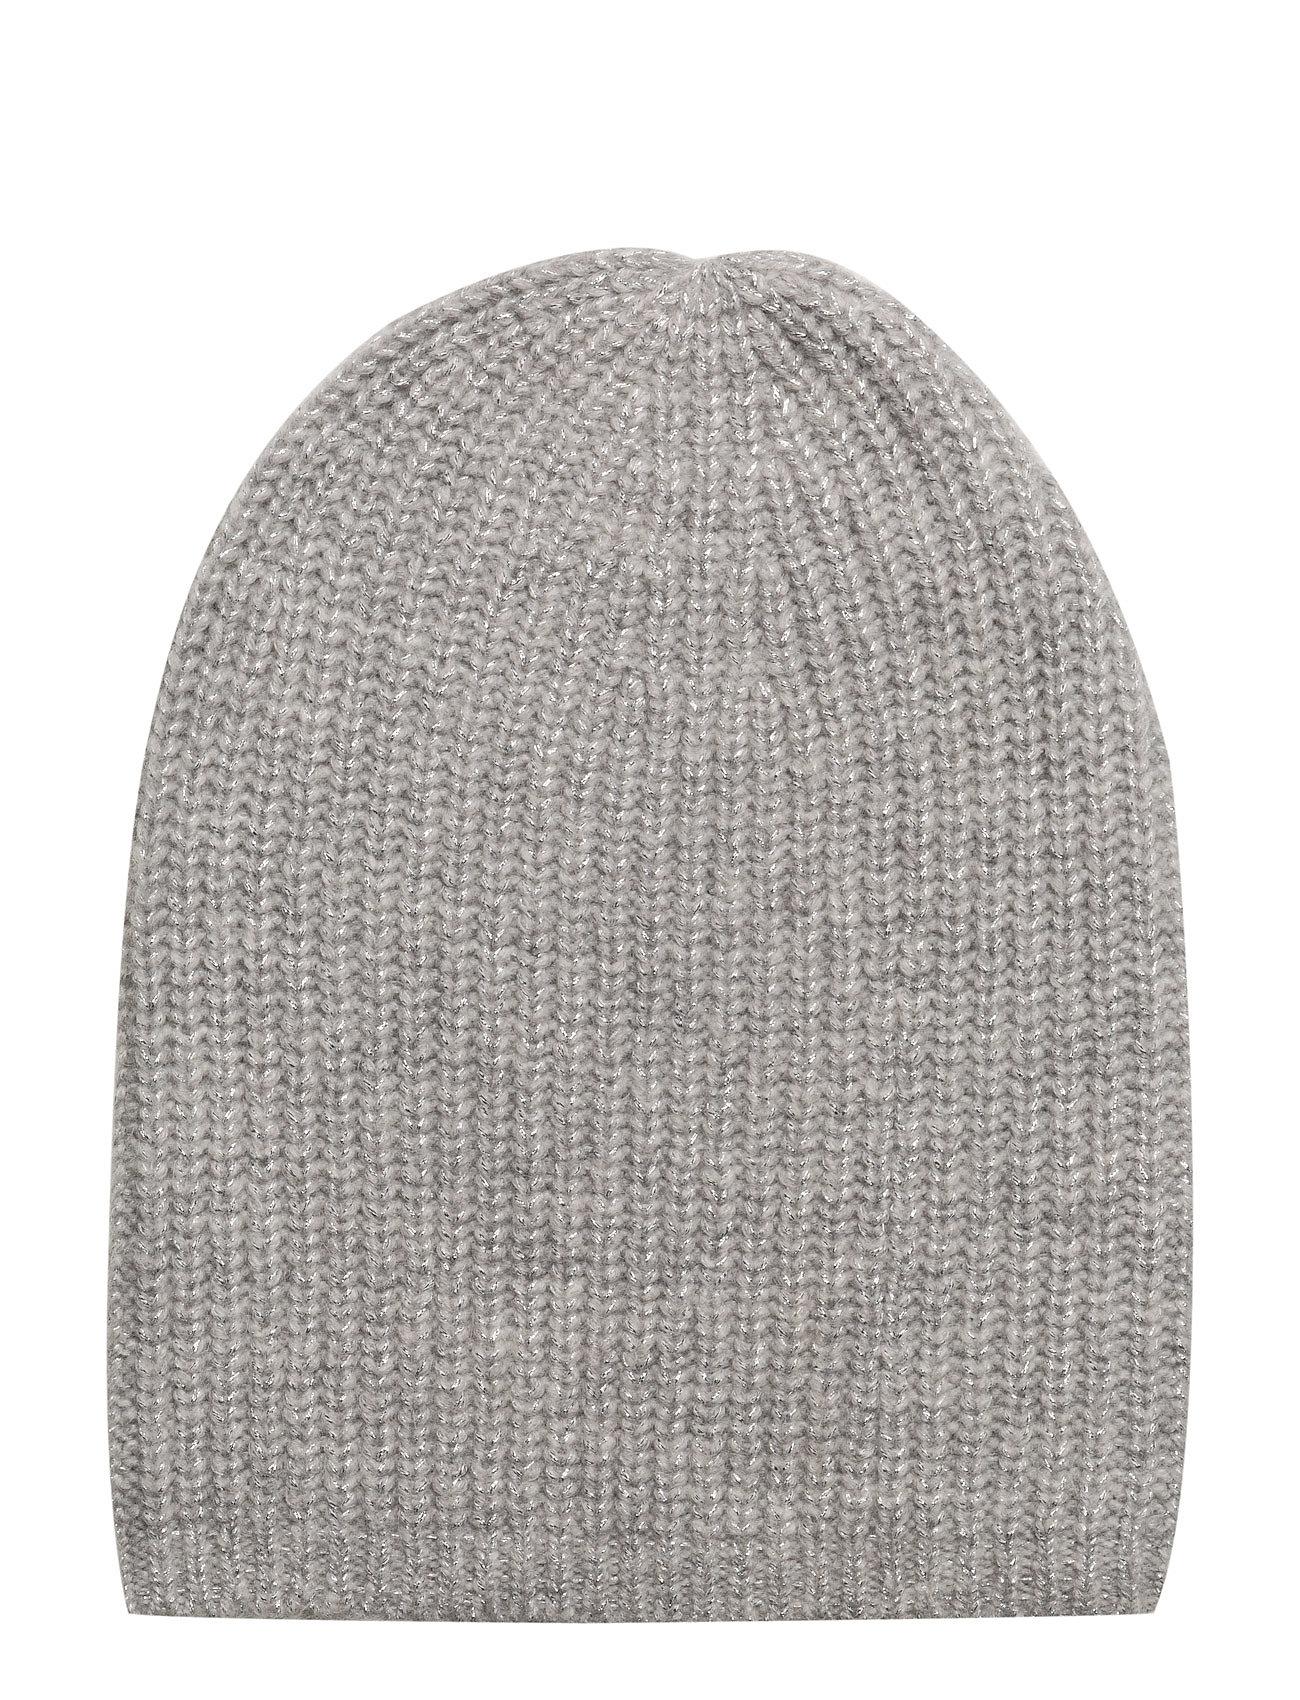 Winther Hat Hope Hatte & Caps til Damer i Lt Grey